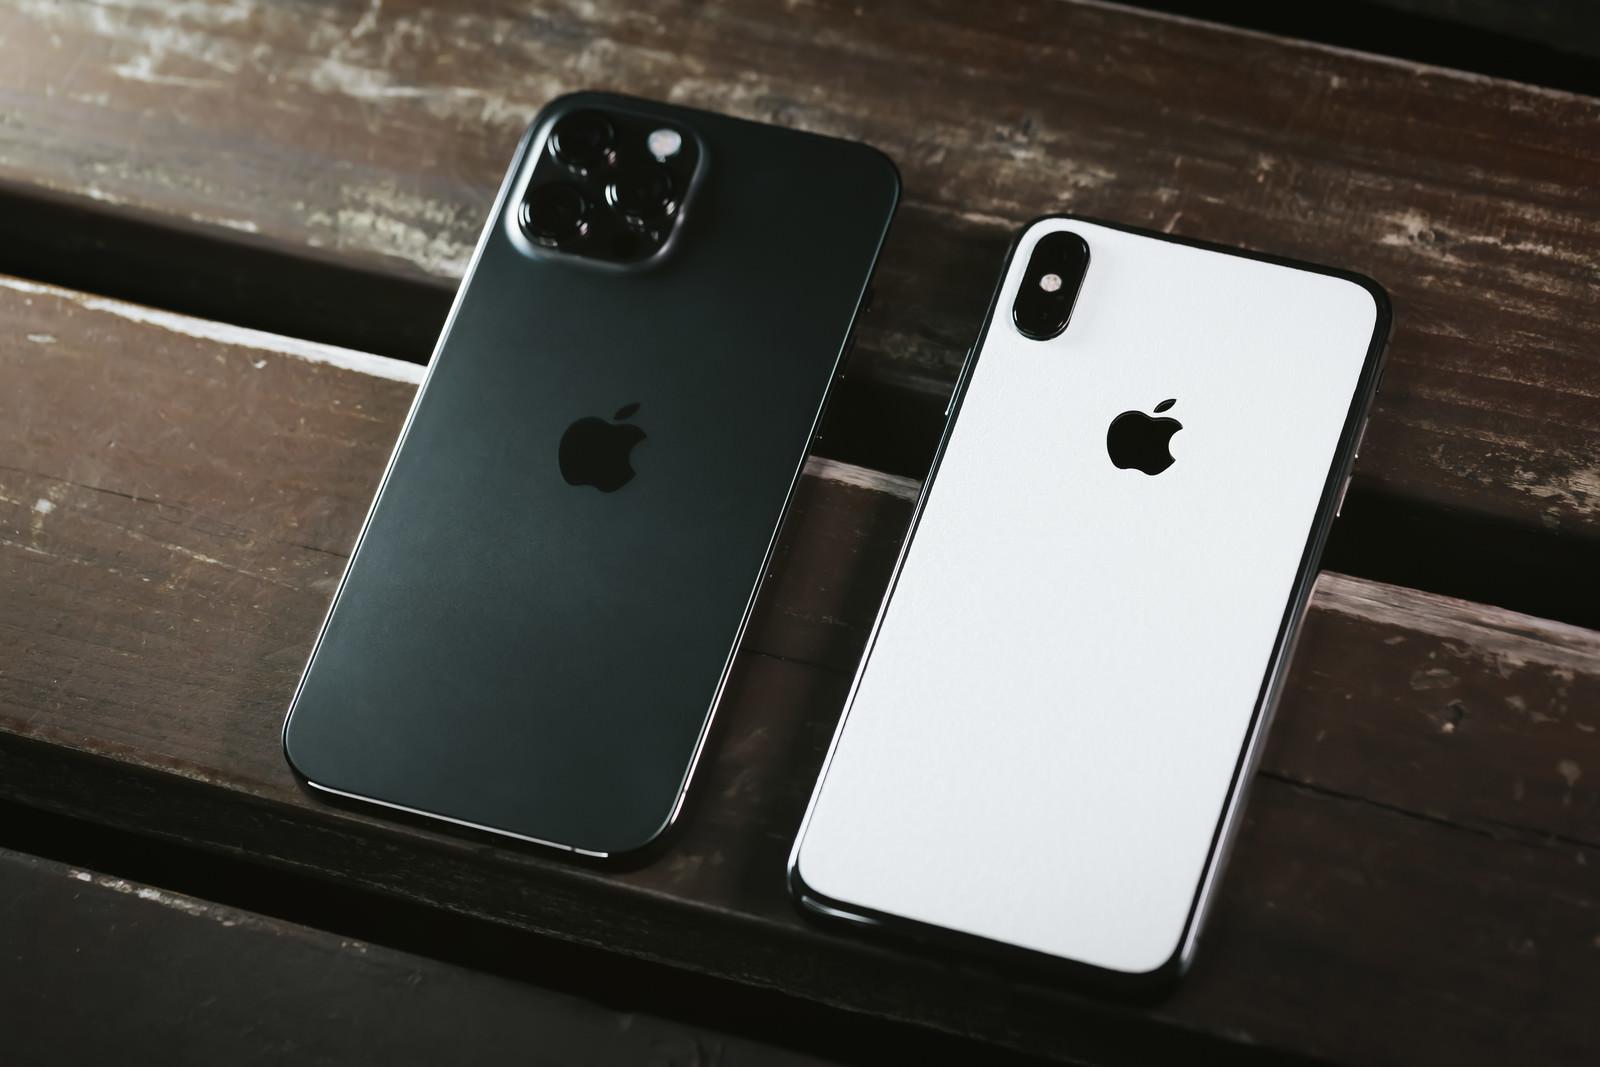 「iPhone 12 Pro と iPhone X」の写真